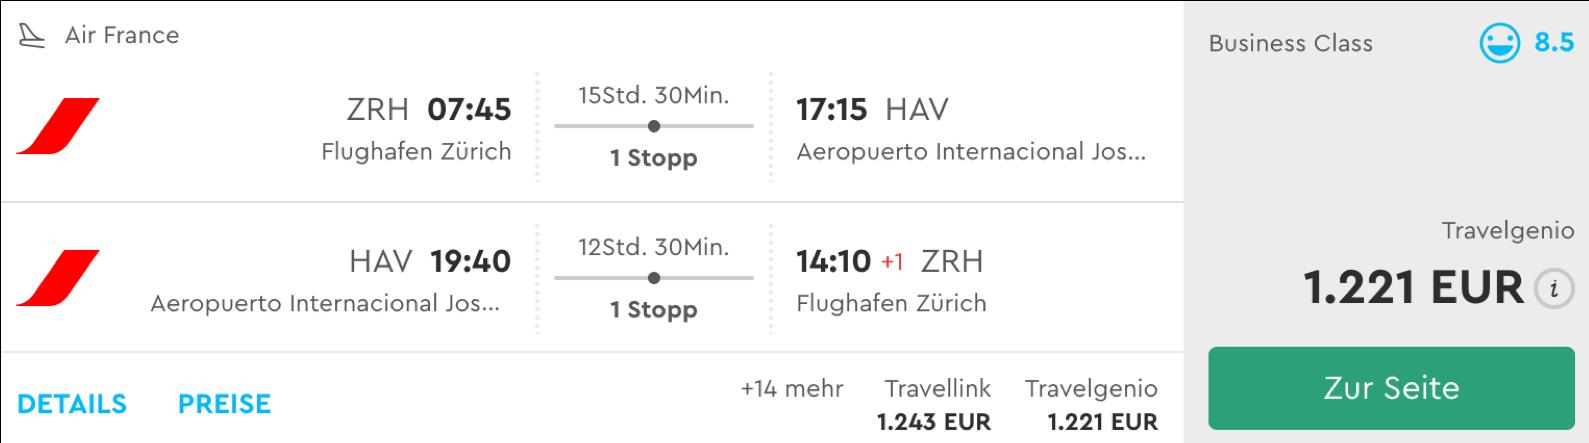 Günstige Business Class Flüge nach Kuba